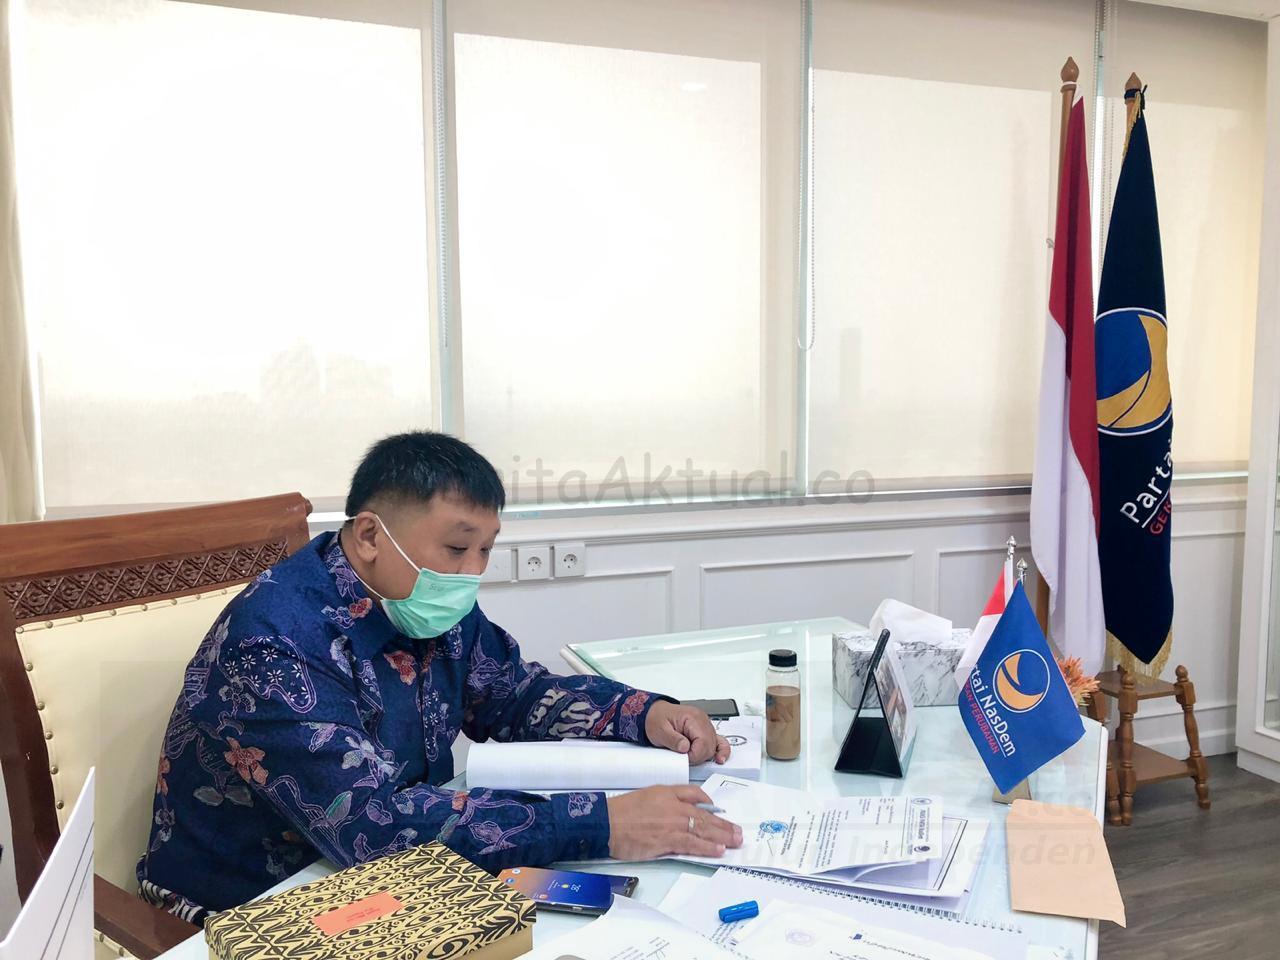 Vaksin China Akan Diproduksi di Indonesia, Rico Sia: Vaksin Merah Putih Mau Dikemanakan? 17 IMG 20201103 WA0044